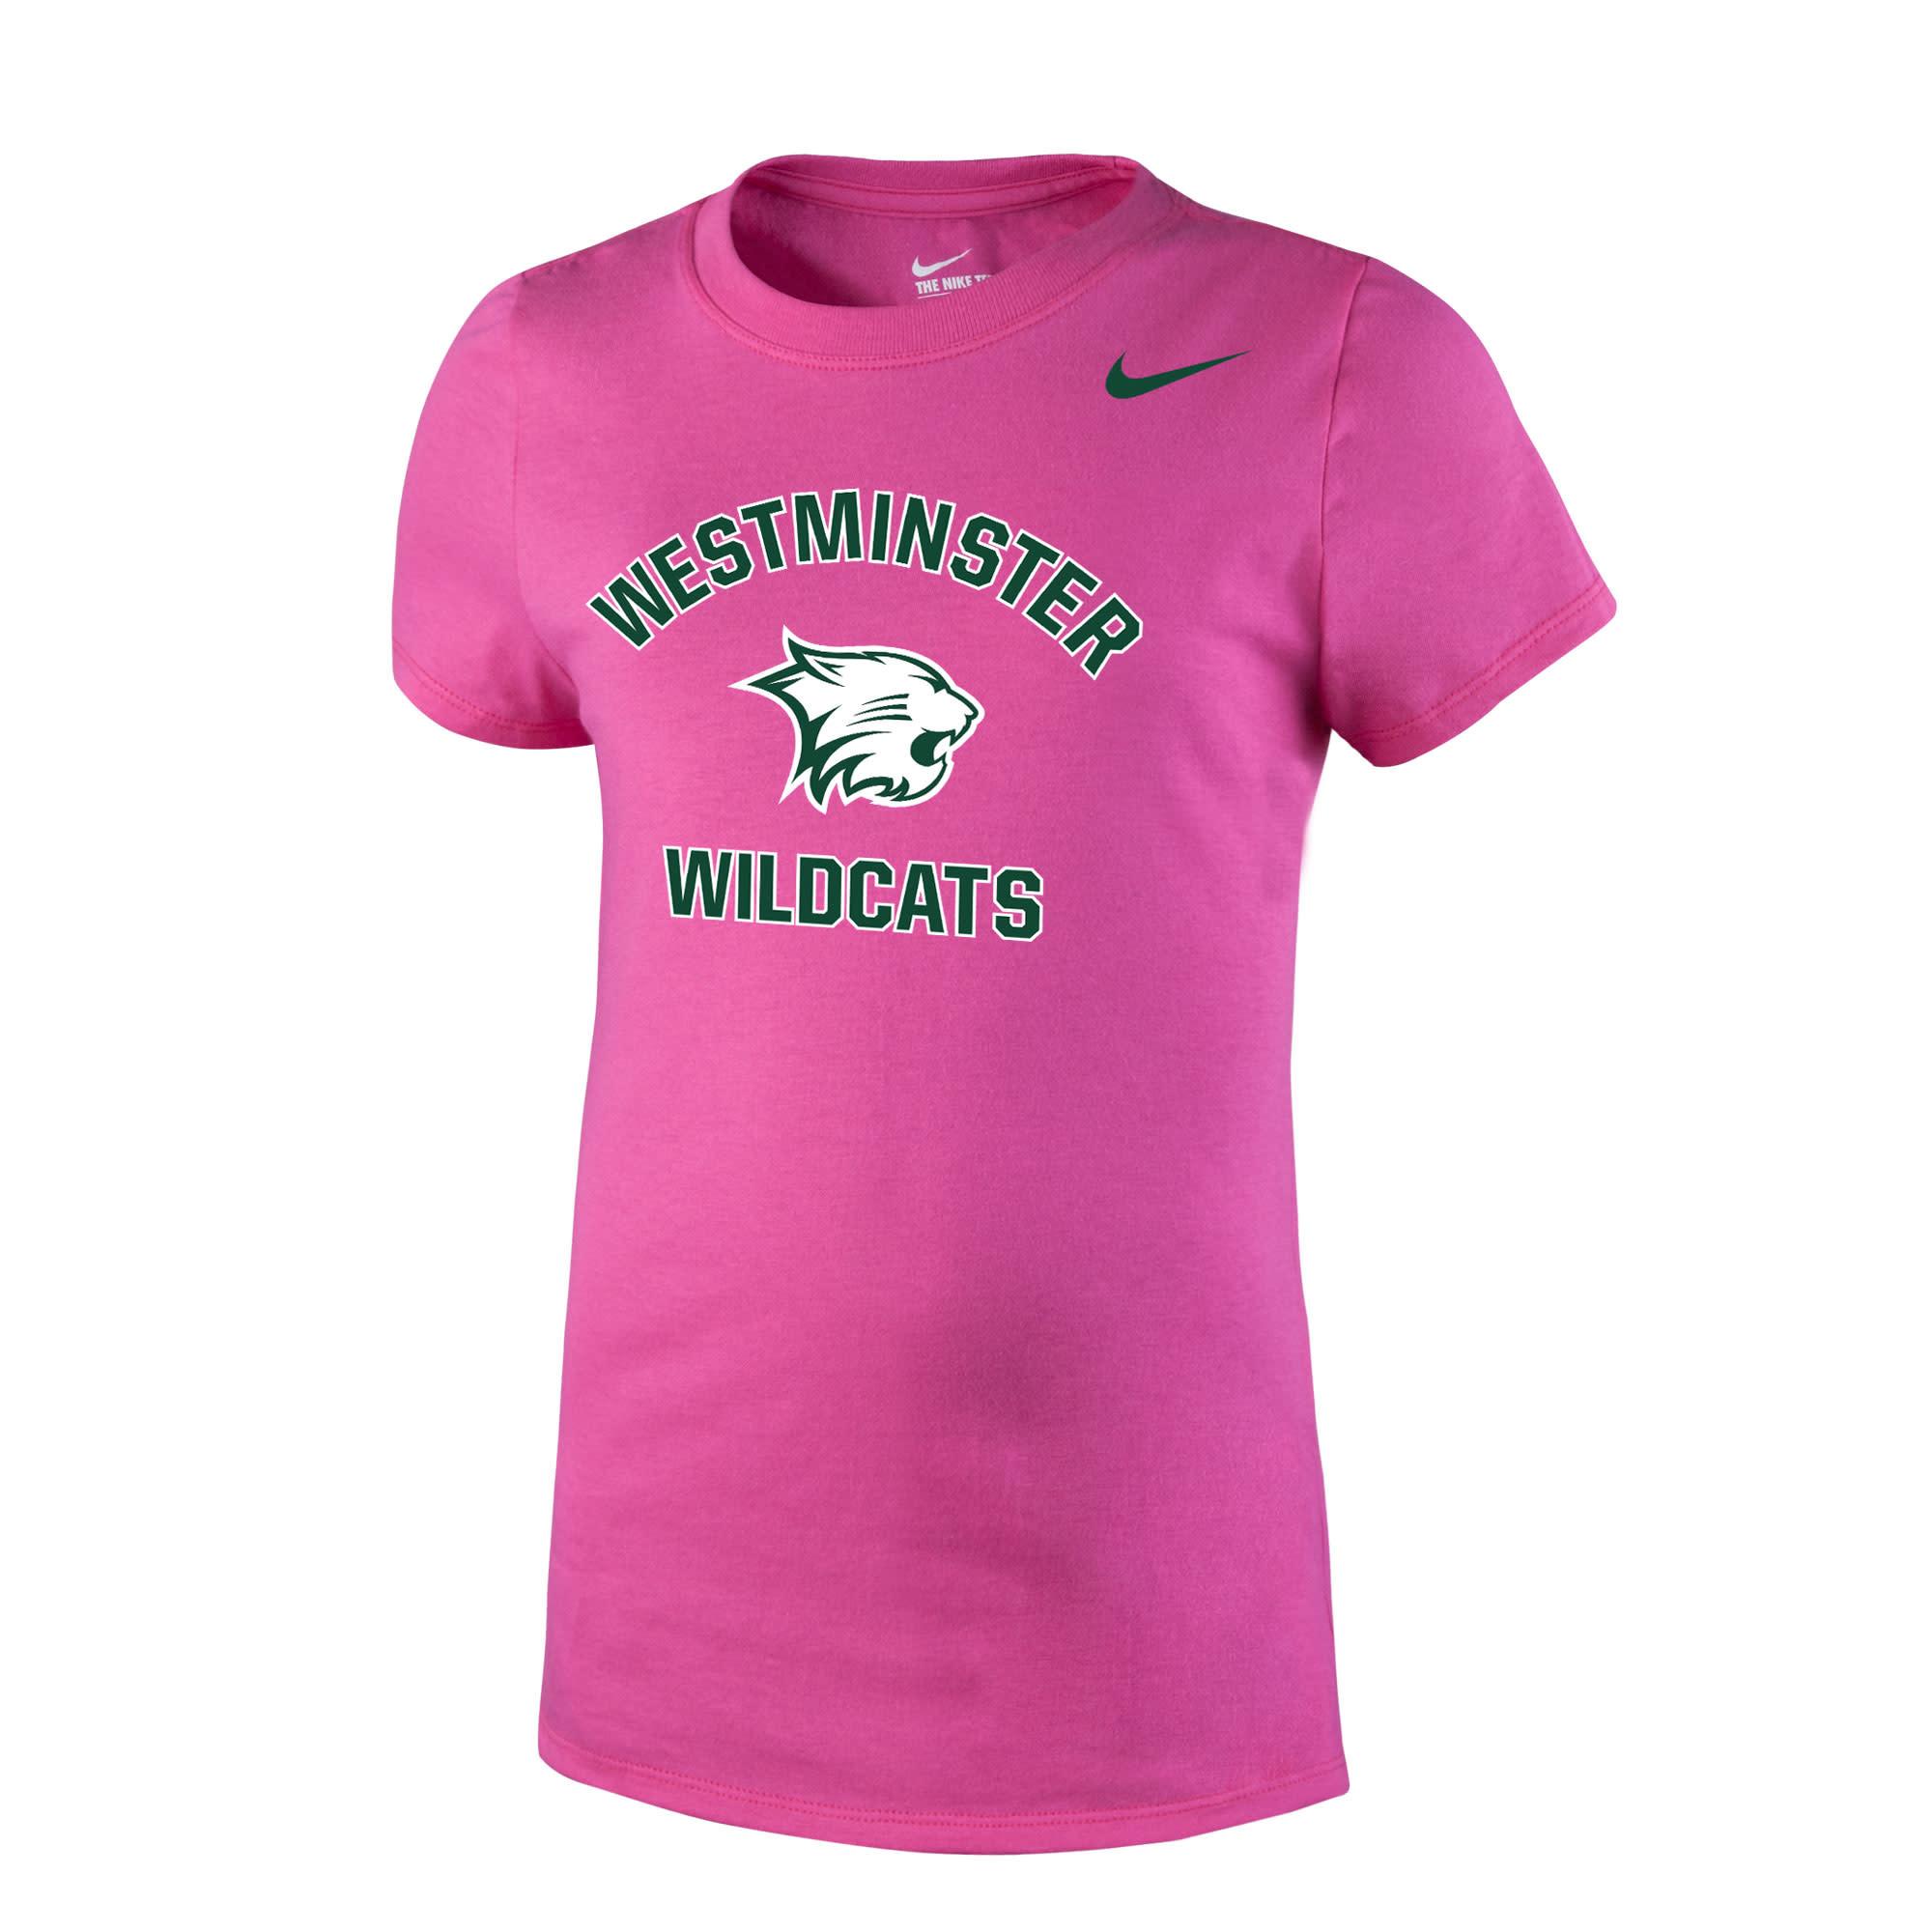 T: Nike Girls Vivid Pink